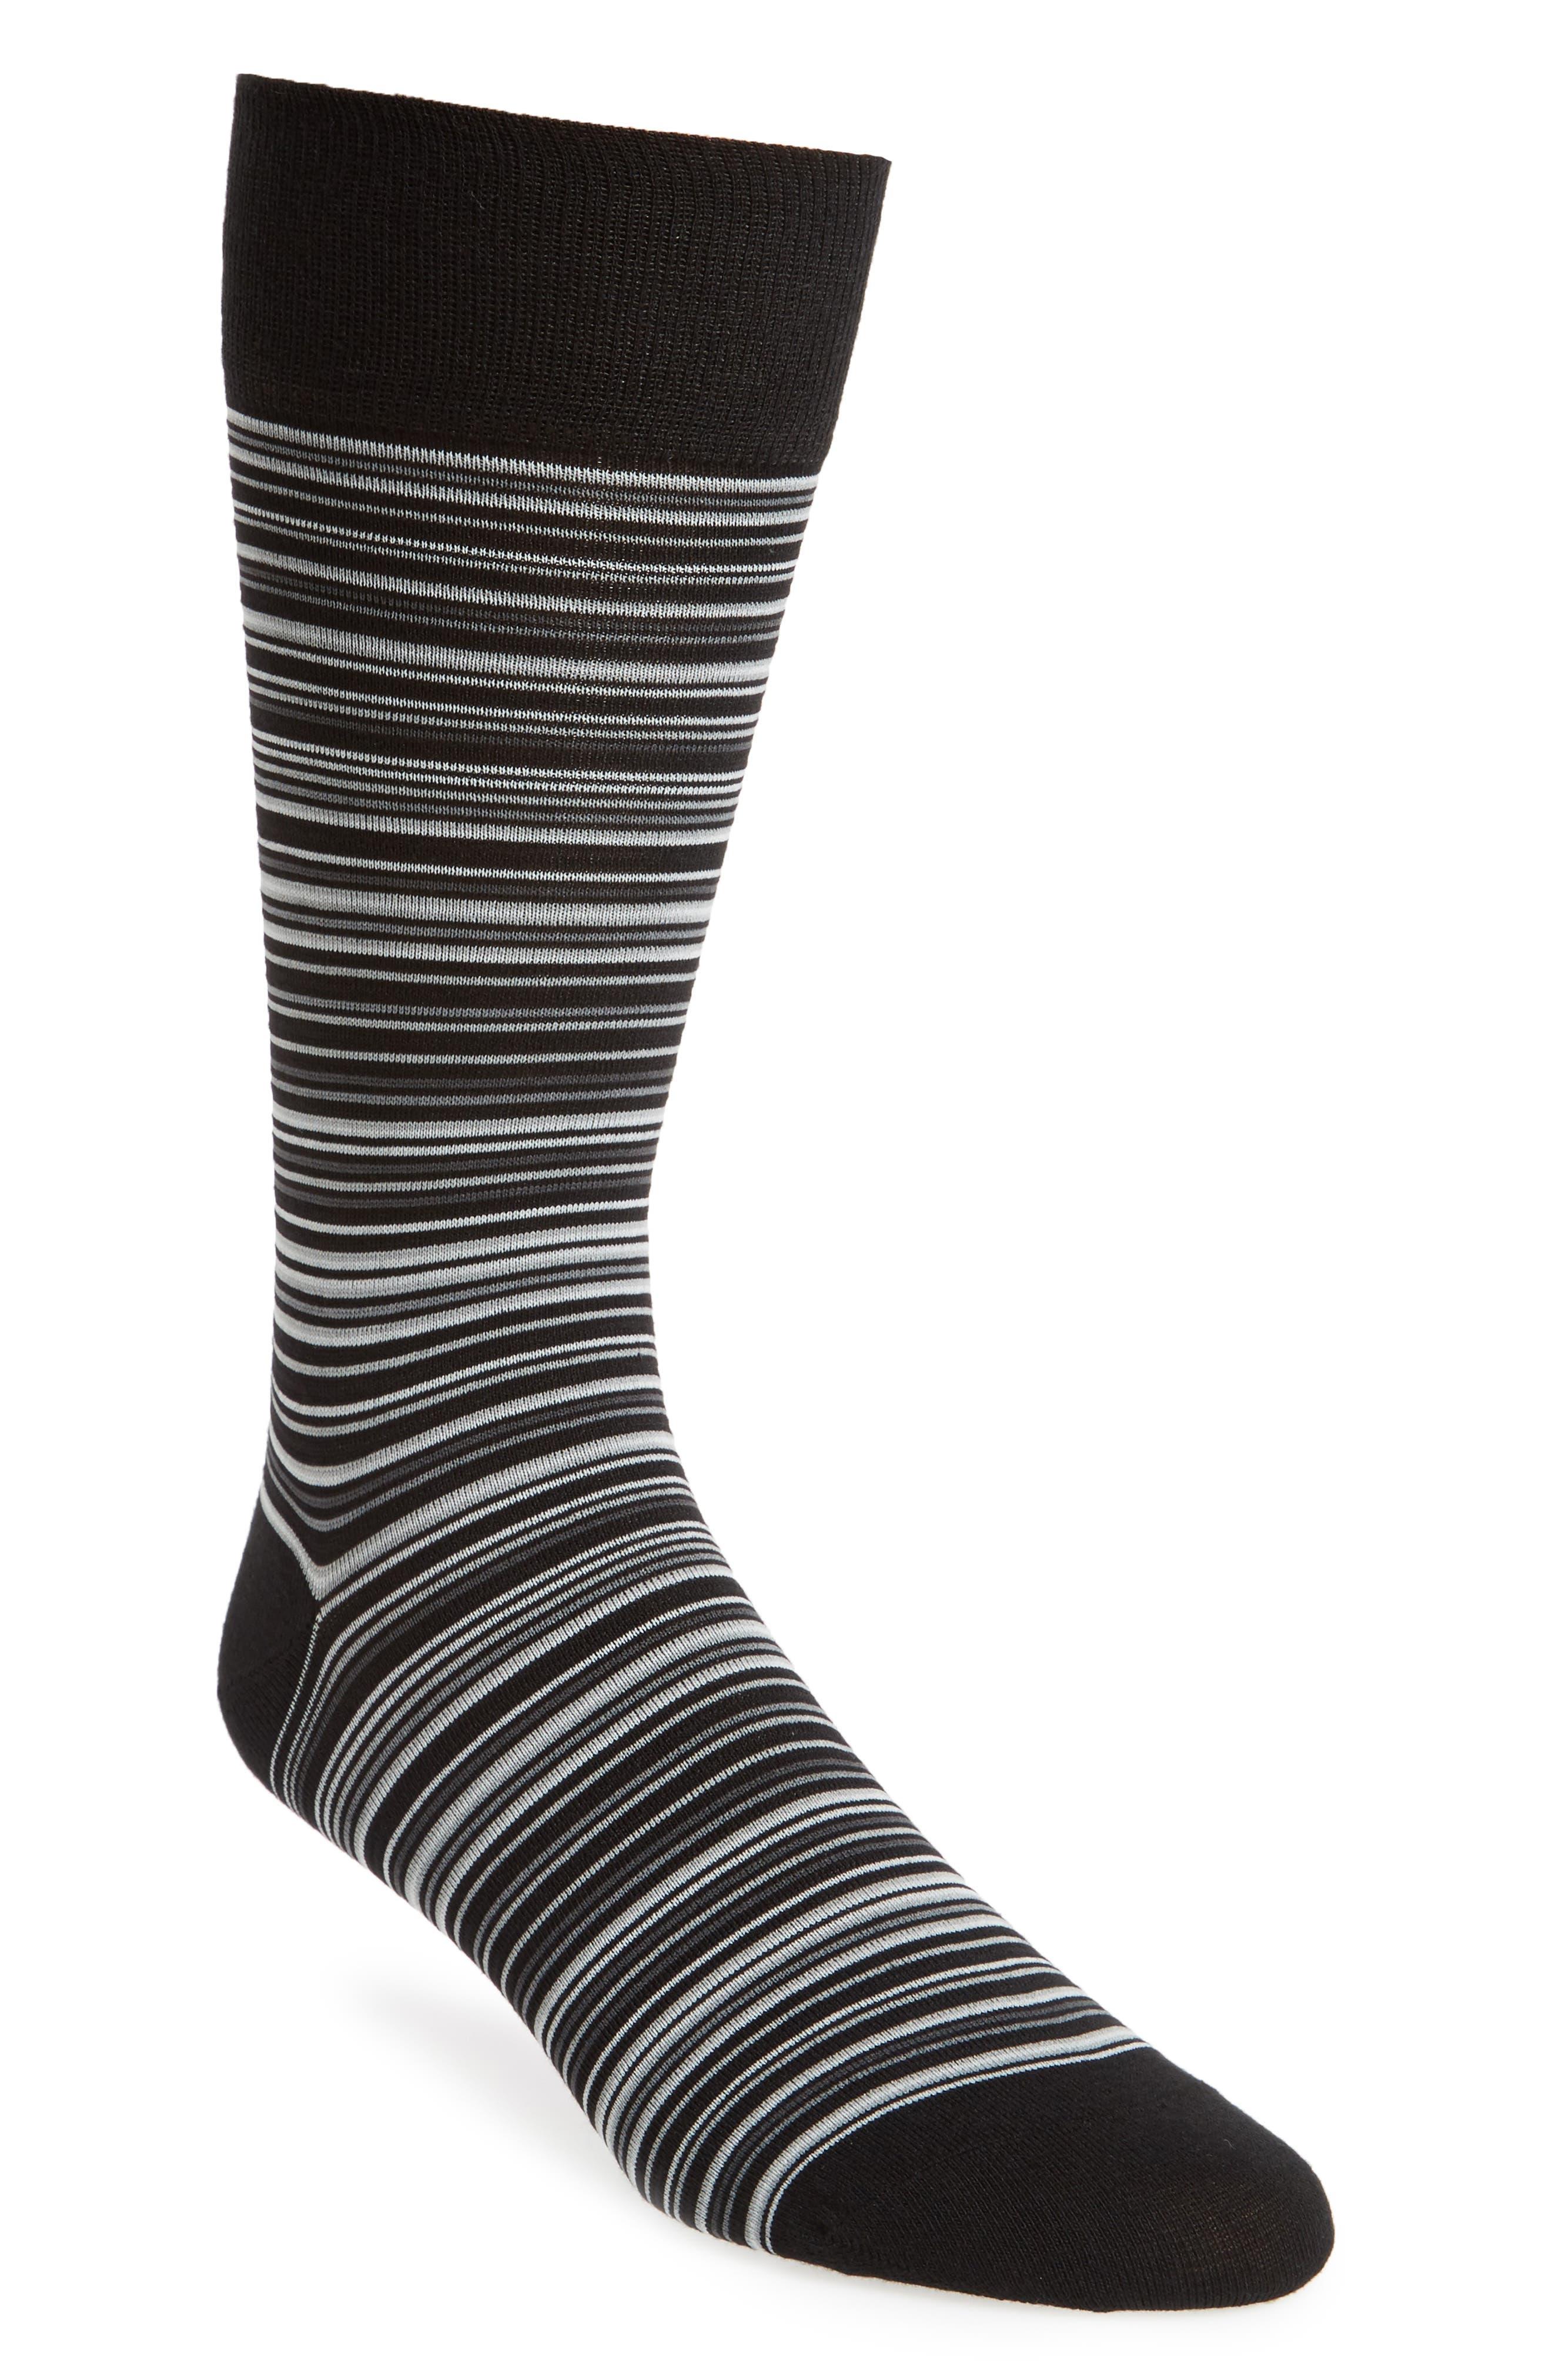 Multistripe Crew Socks, Main, color, BLACK/ GREY